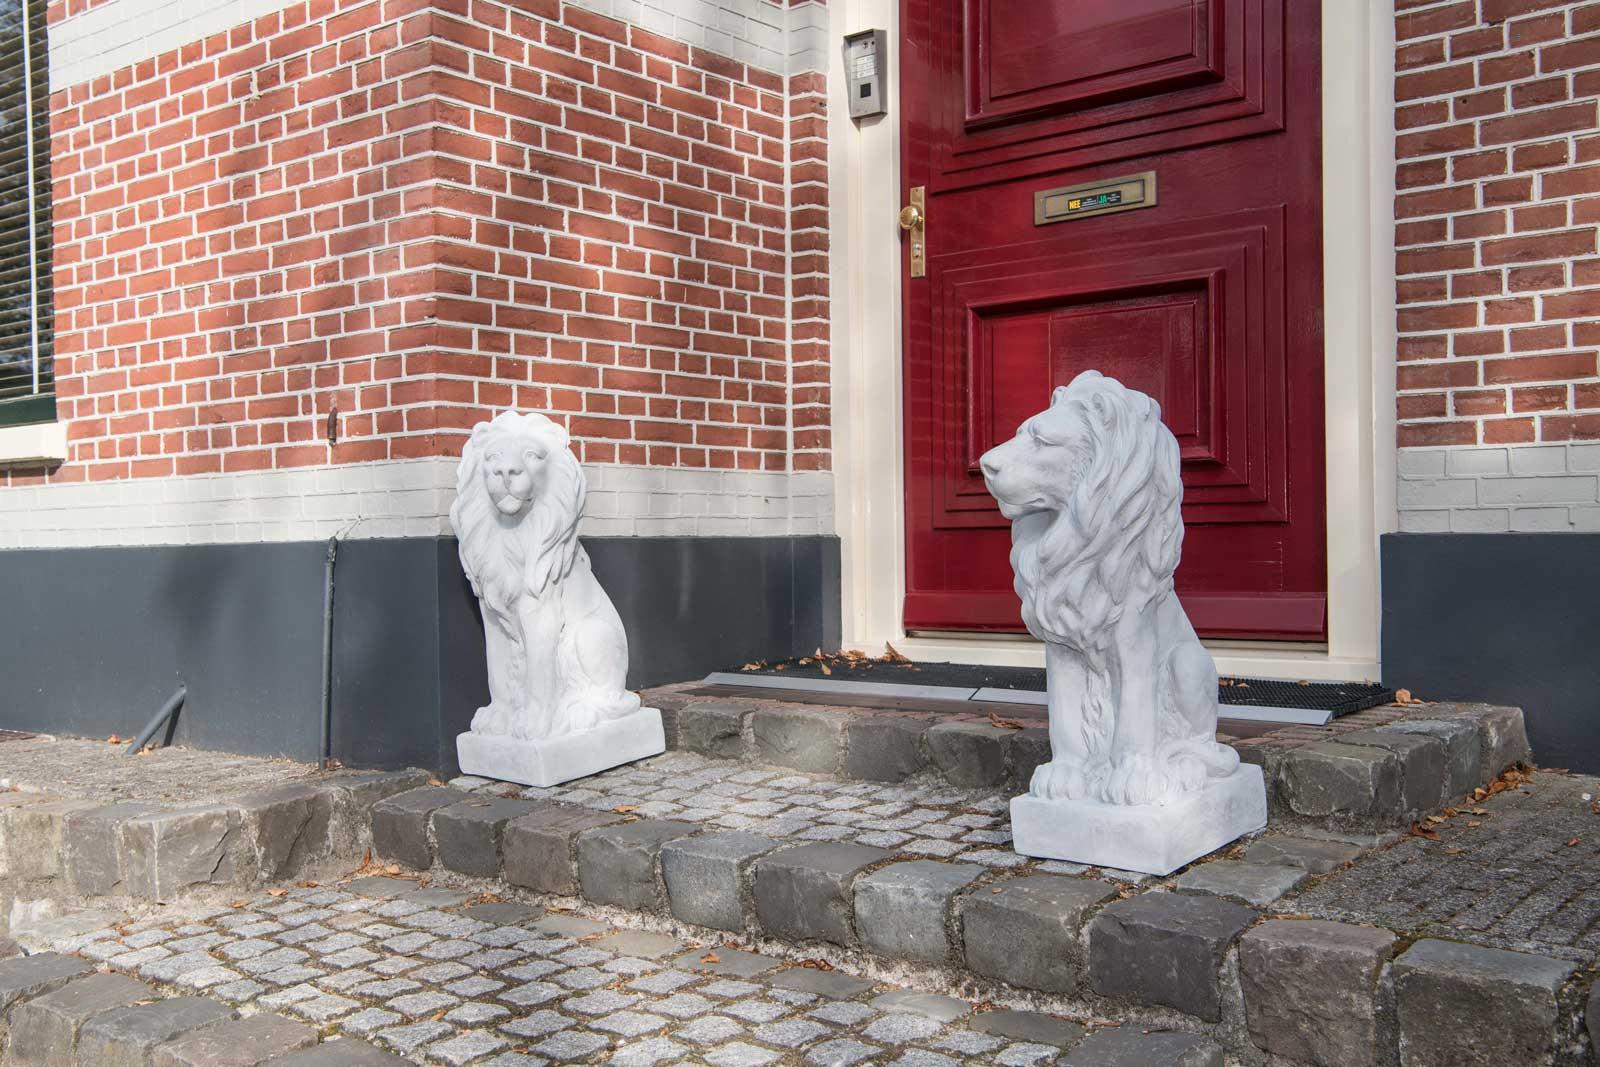 Die Löwen machen vor Ihrem Eingang einen hervorragenden Eindruck. Danke für das Foto.